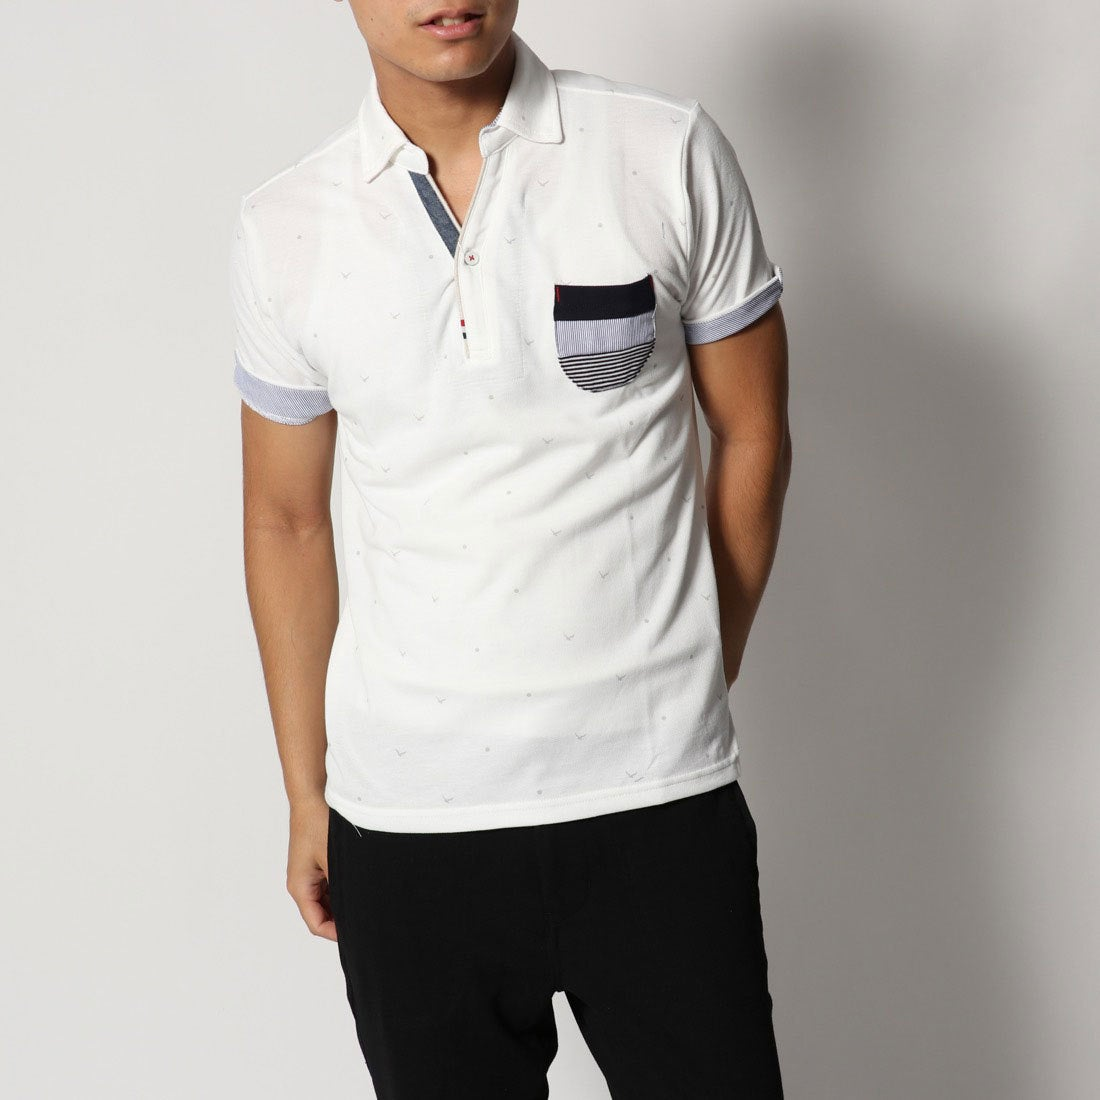 ロコンド 靴とファッションの通販サイトスタイルブロック STYLEBLOCK カノコカモメプリントスキッパーポロシャツ (ホワイト)